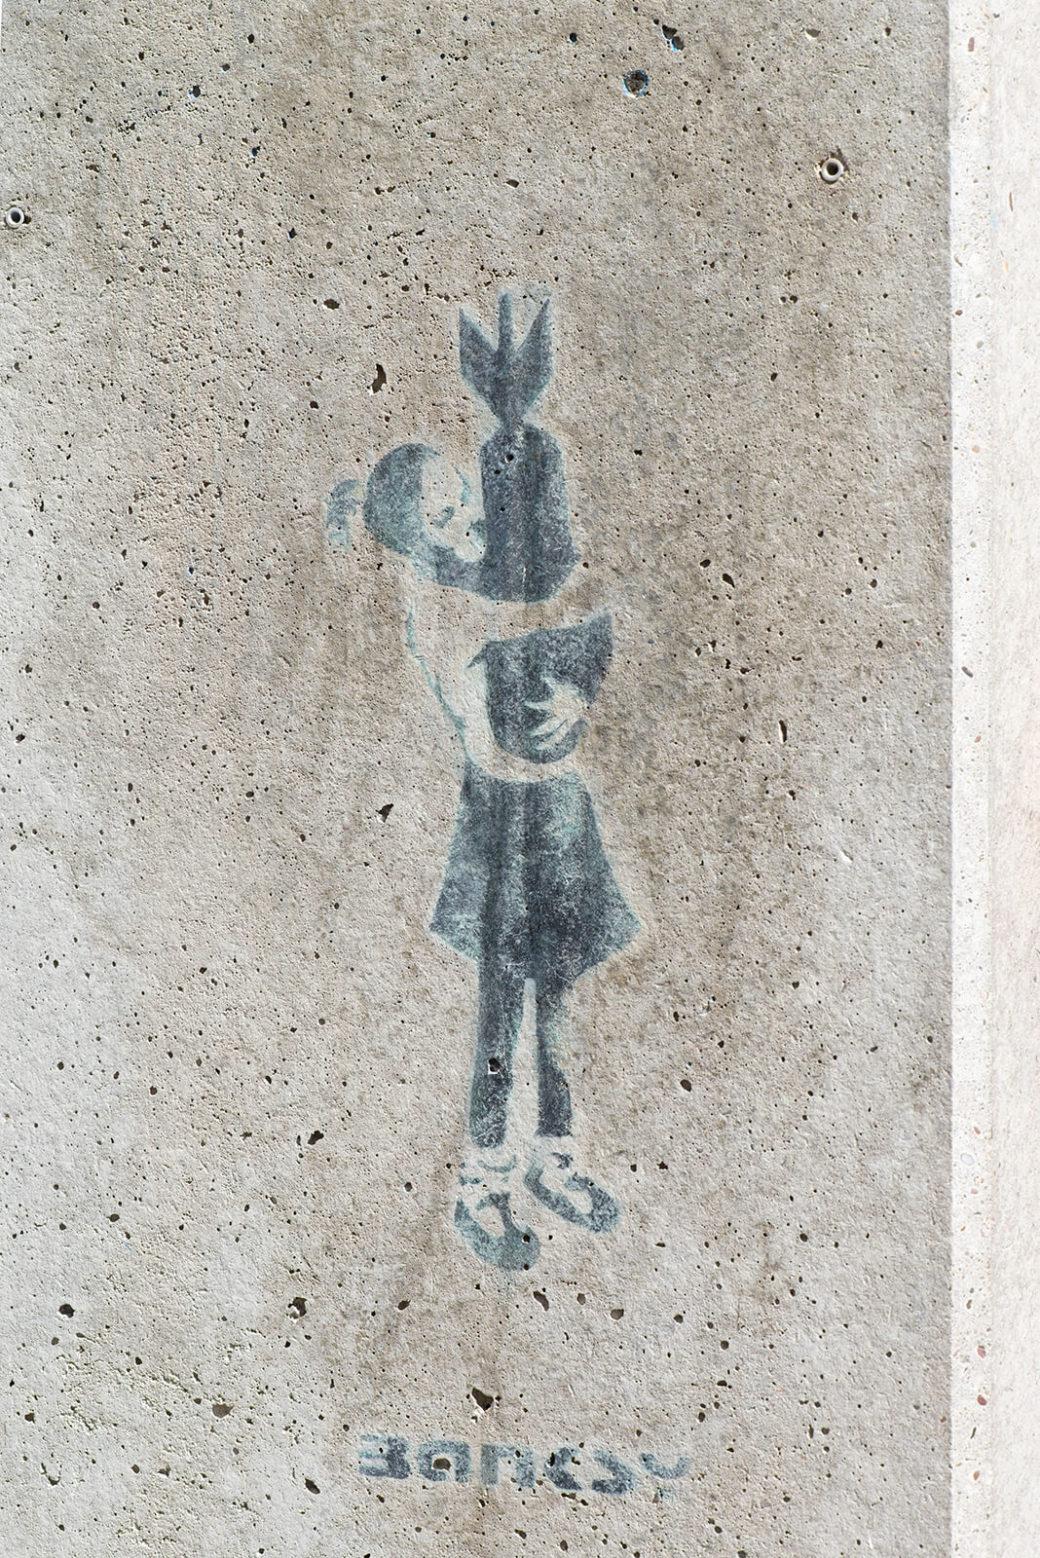 Banksy: Bomb Hugger (Foto: KUNST@SH/Jan Petersen, 2020)